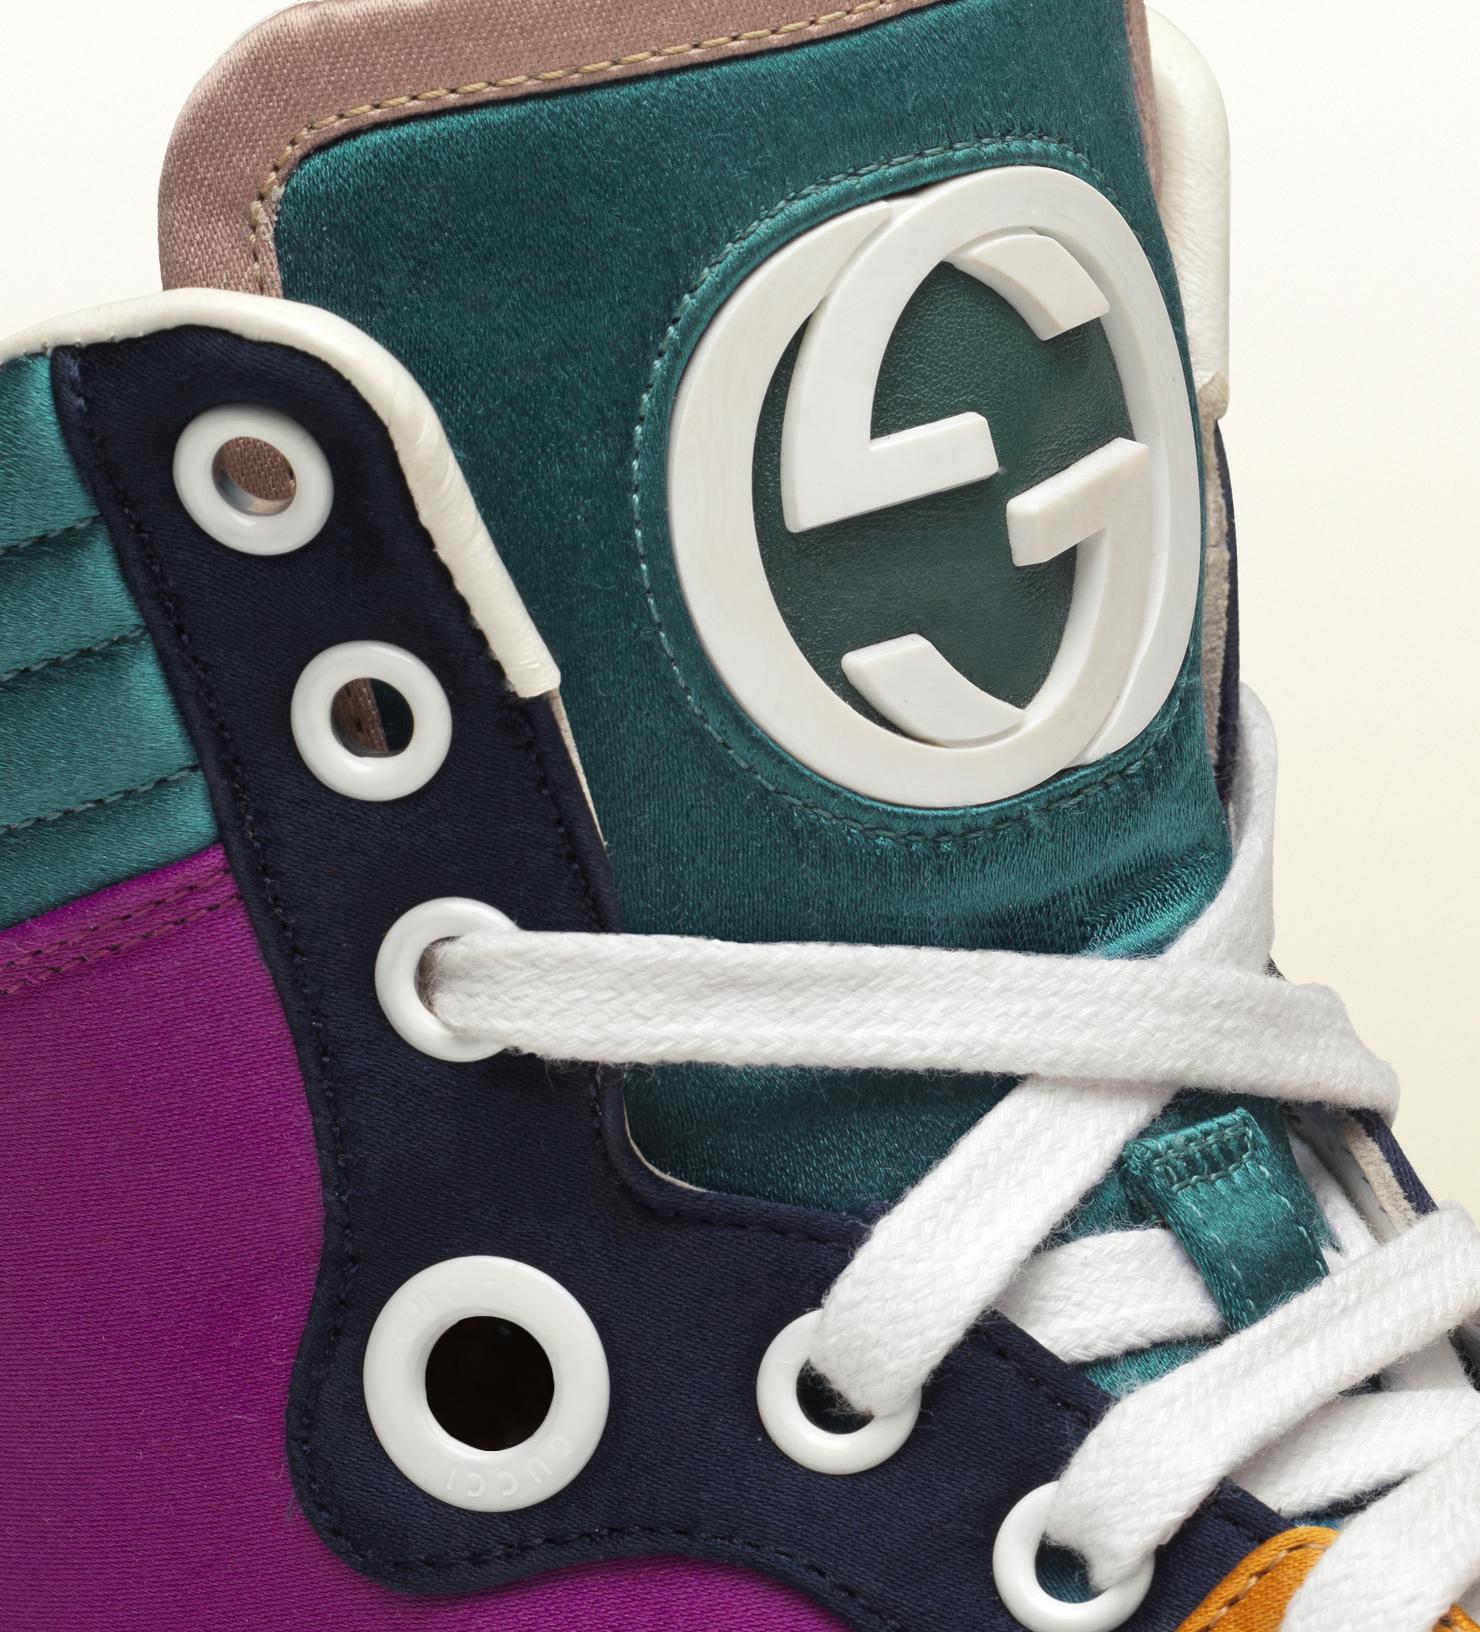 98e6261c2 Gucci Coda Multicolor Satin Hightop Sneaker for Men - Lyst